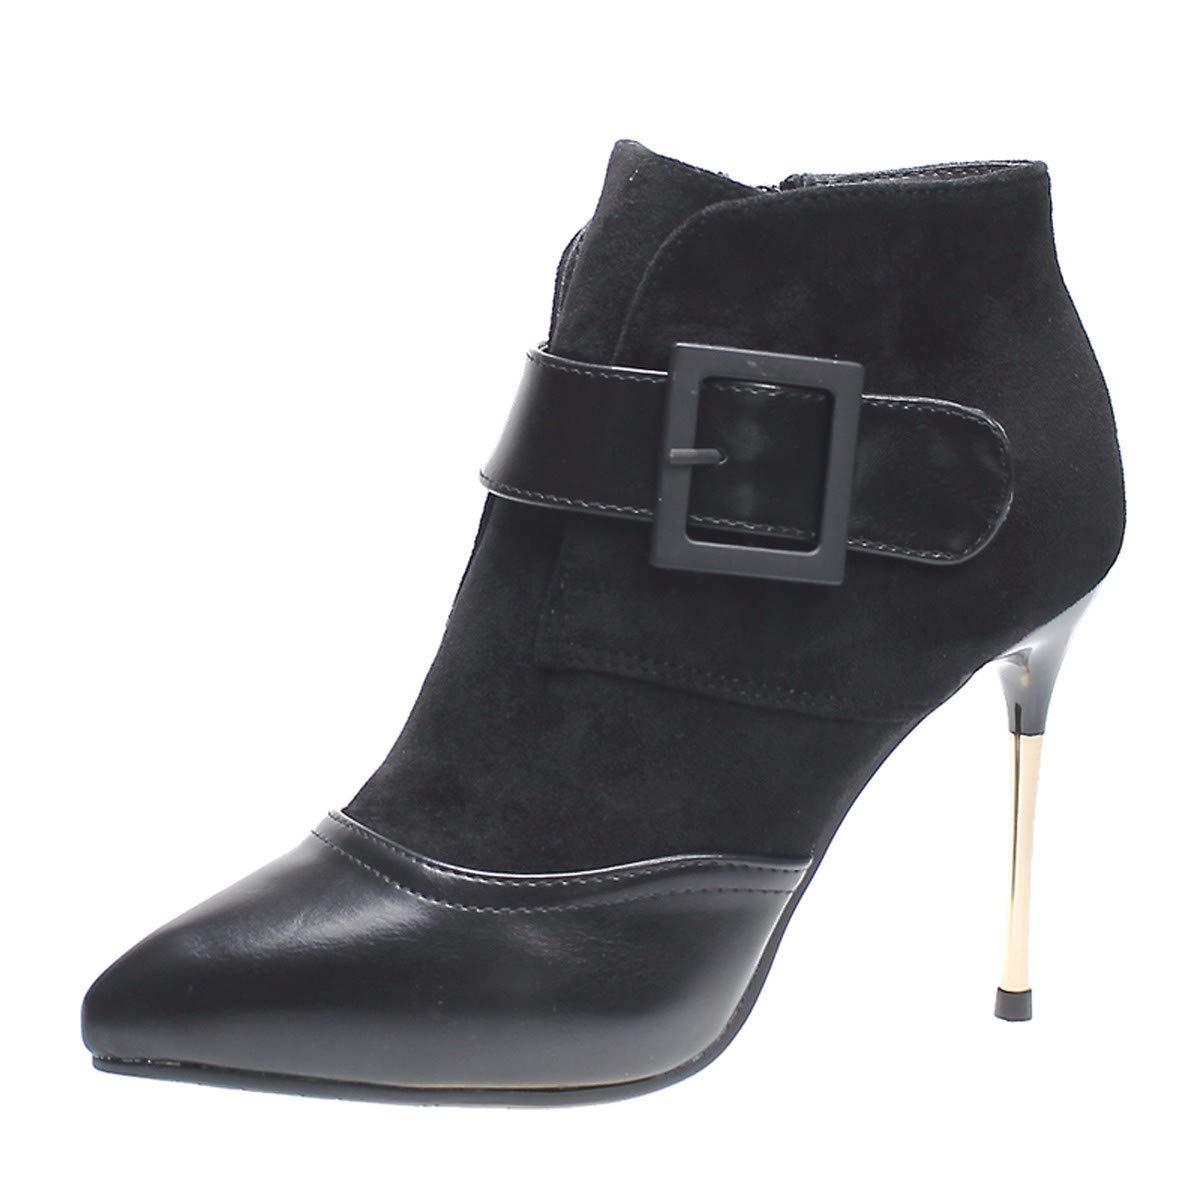 KPHY Damenschuhe/Sexy, Kurze Stiefel Mit Hohen 10Cm, Dünne Sohle, Schnalle, Spitze, Elegant, Samt, Ma Dingxue.